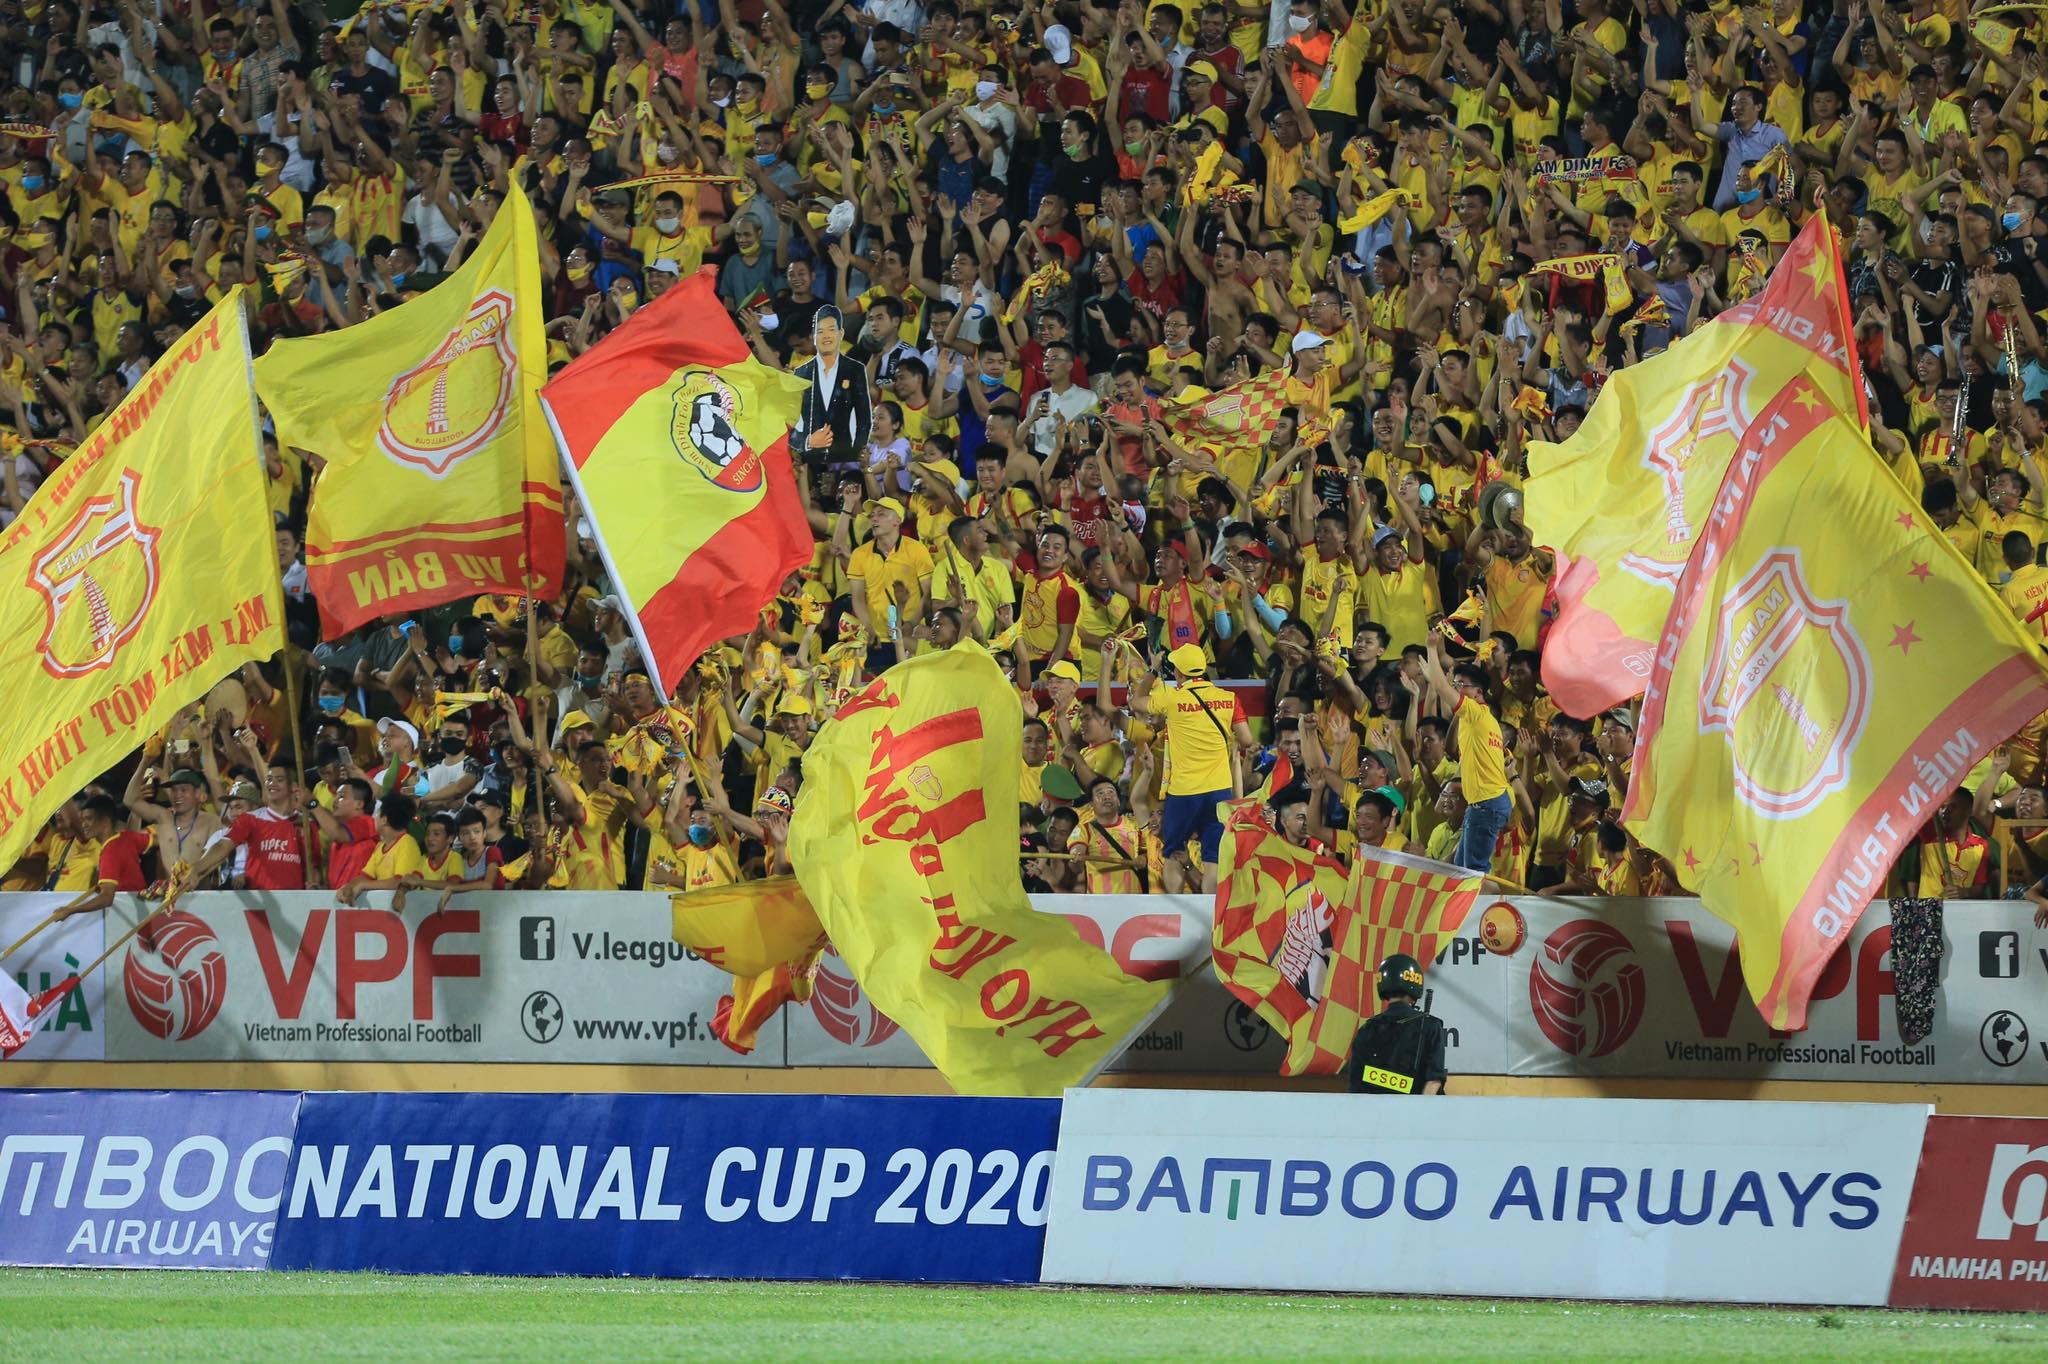 Truyền thông Thái Lan ghen tỵ trước sự trở lại của bóng đá Việt Nam - Ảnh: Đức Cường